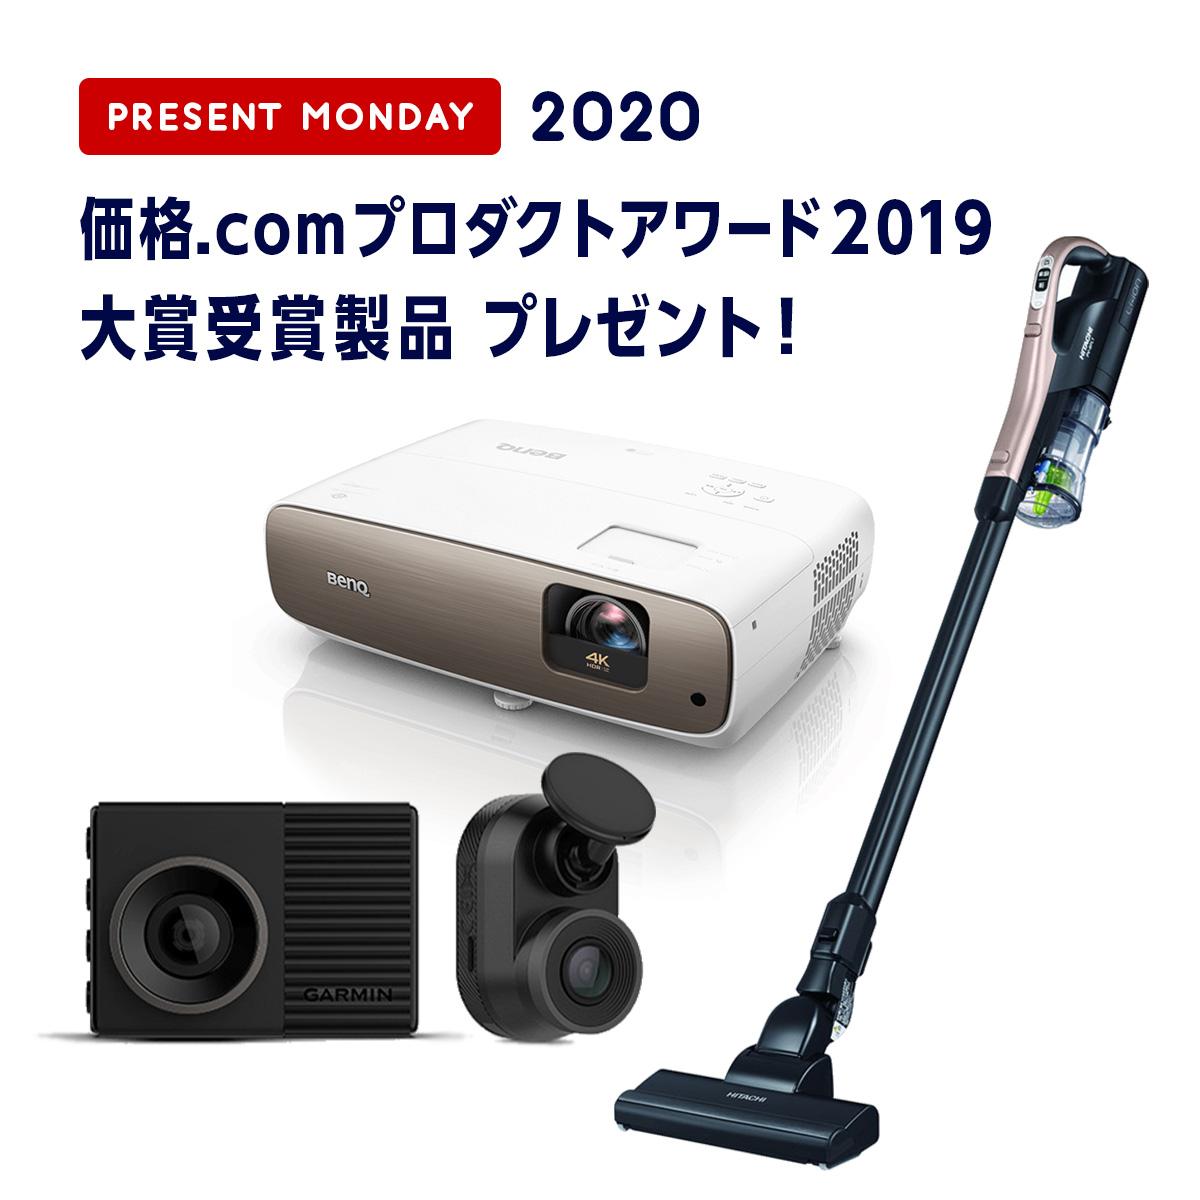 2020年最初のプレゼントマンデー! プロジェクターやドラレコなど、豪華製品が当たる!!